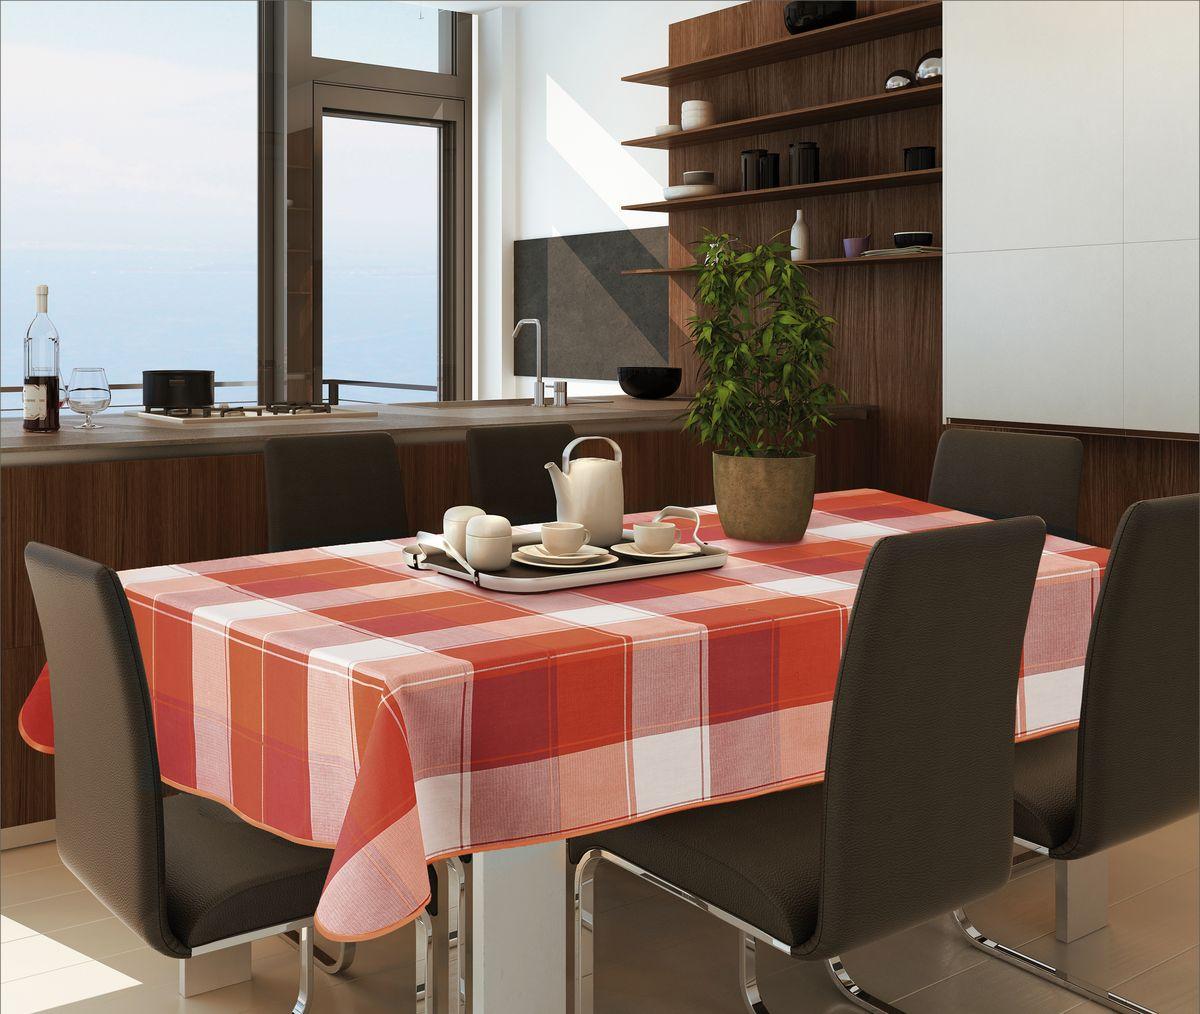 Скатерть Wisan, прямоугольная, цвет: терракотовый, 130 х 160 смVT-1520(SR)Великолепная скатерть Wisan органично впишется в интерьер любого помещения, а оригинальный дизайн удовлетворит даже самый изысканный вкус. Изделие выполнено из полиэстера и хлопка. Края скатерти закруглены.